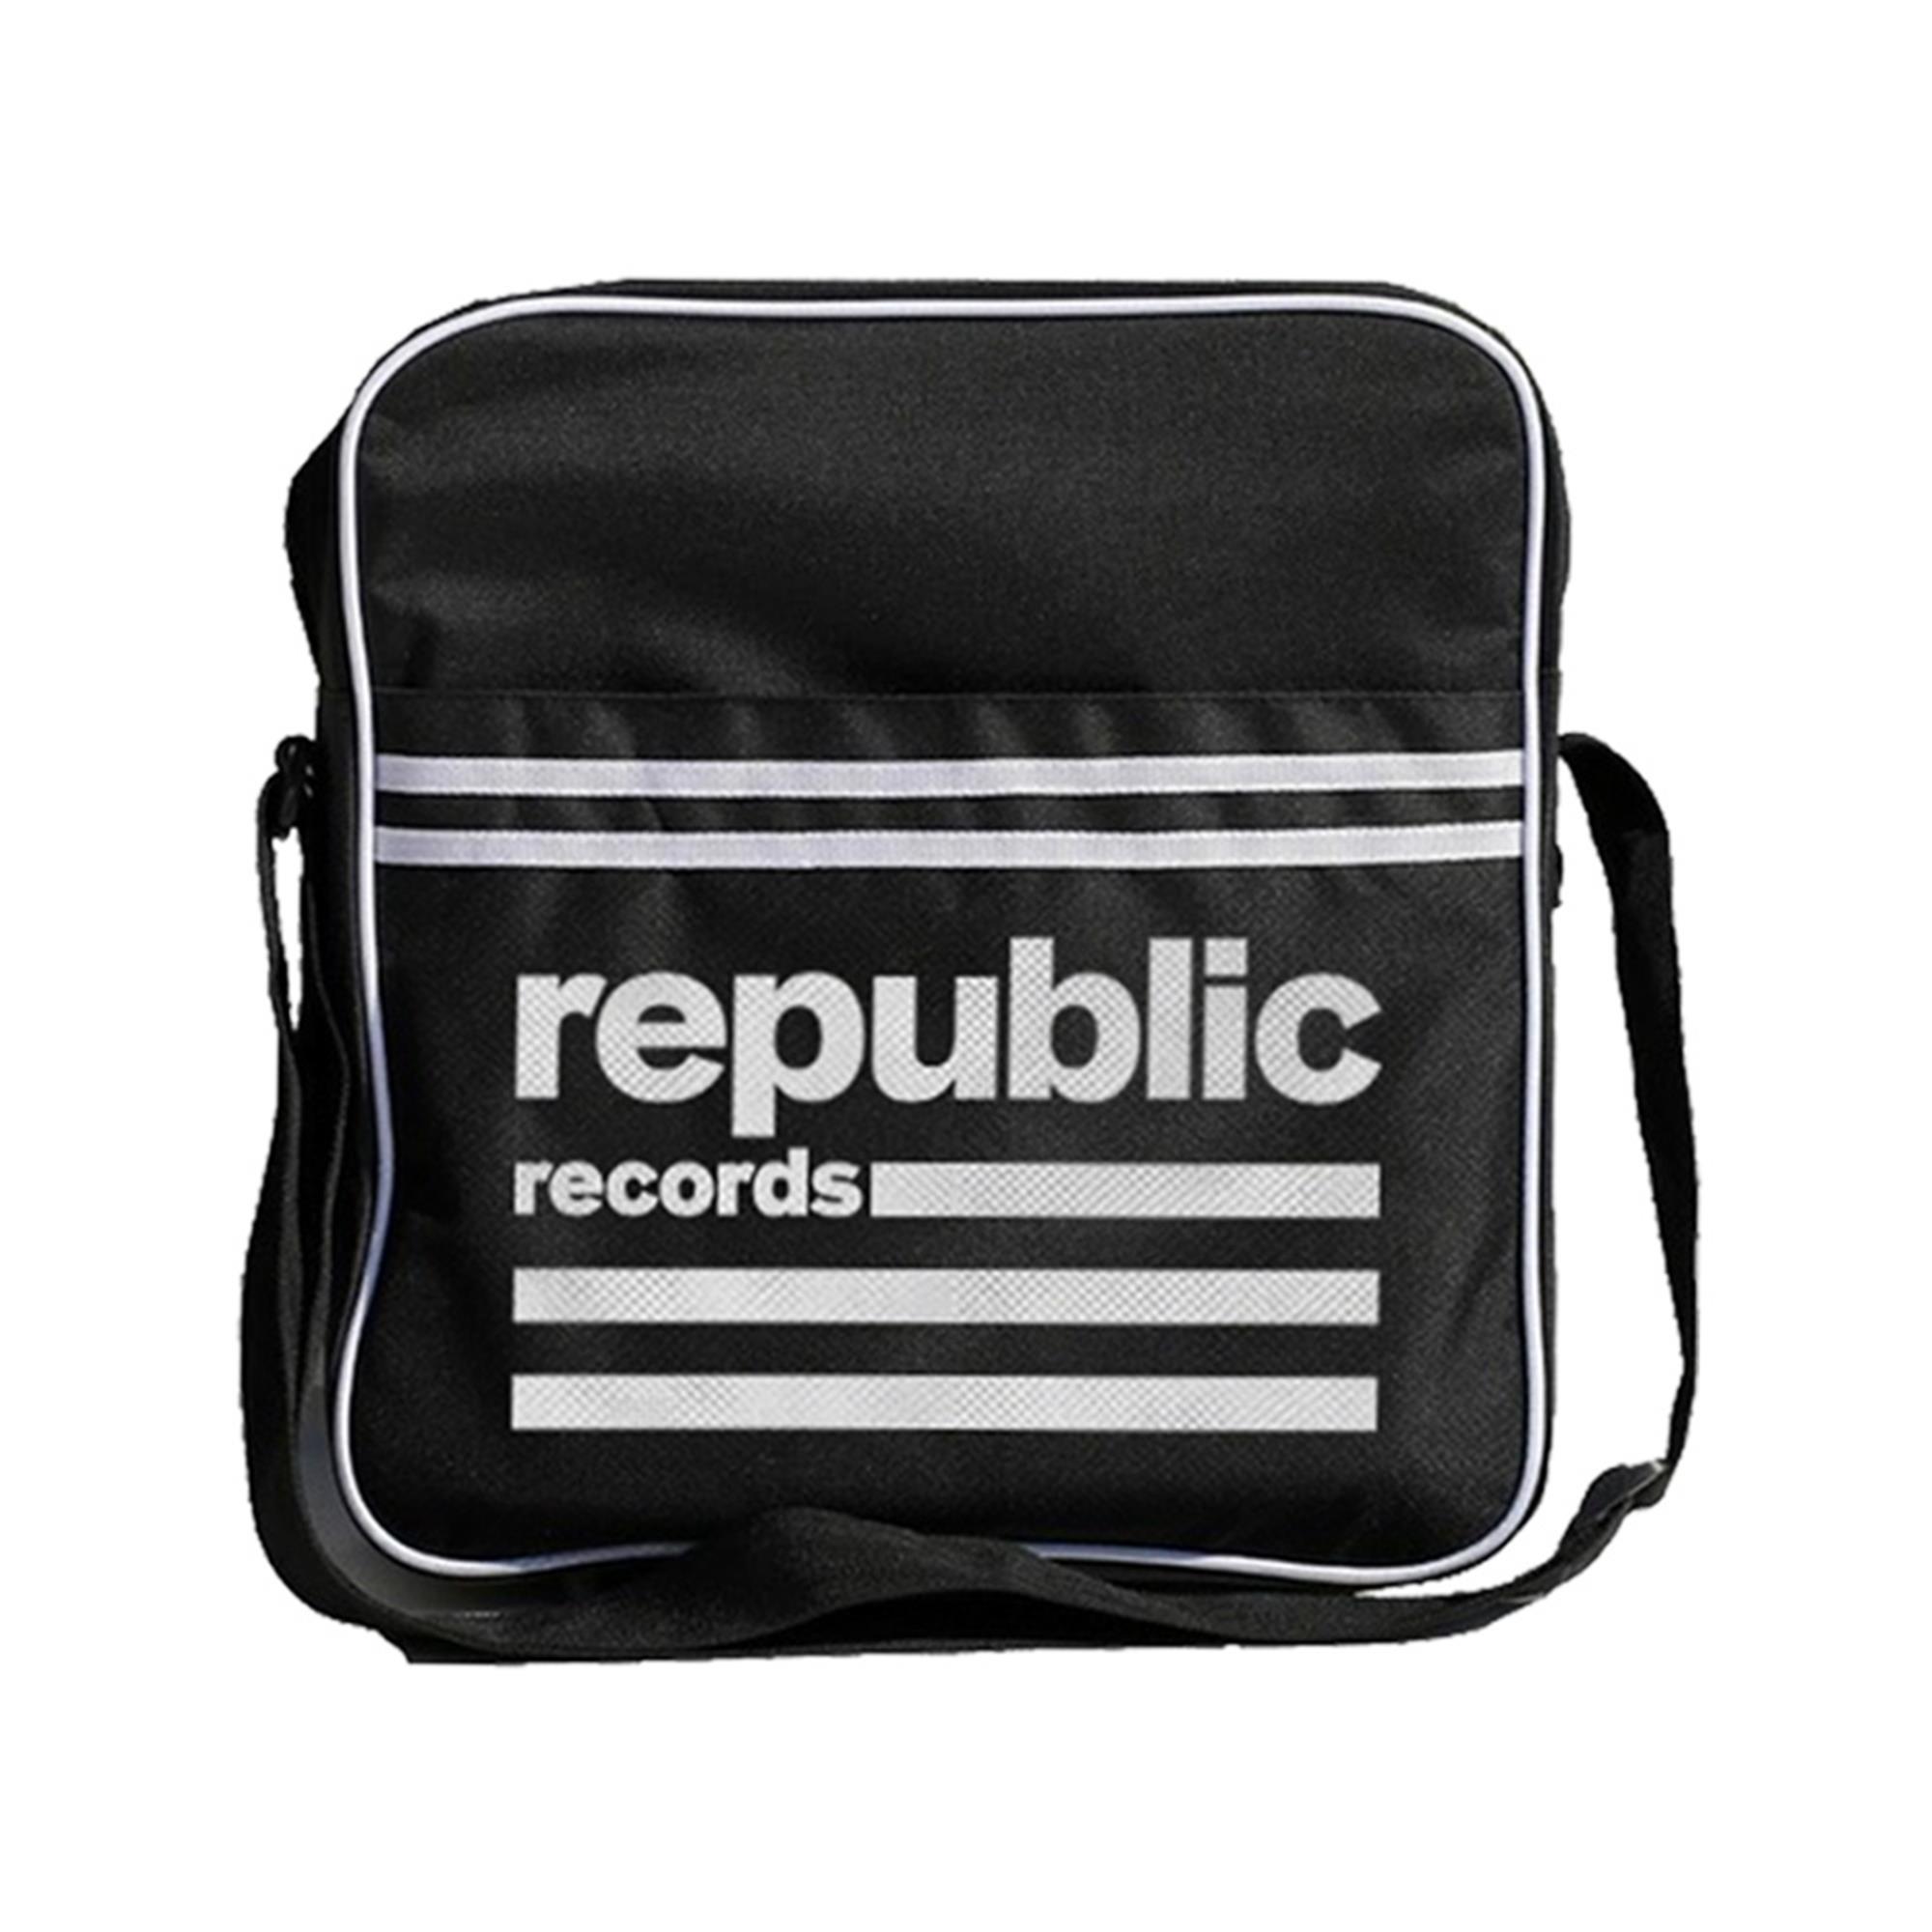 Republic Records Zip Top Vinyl Record Bag